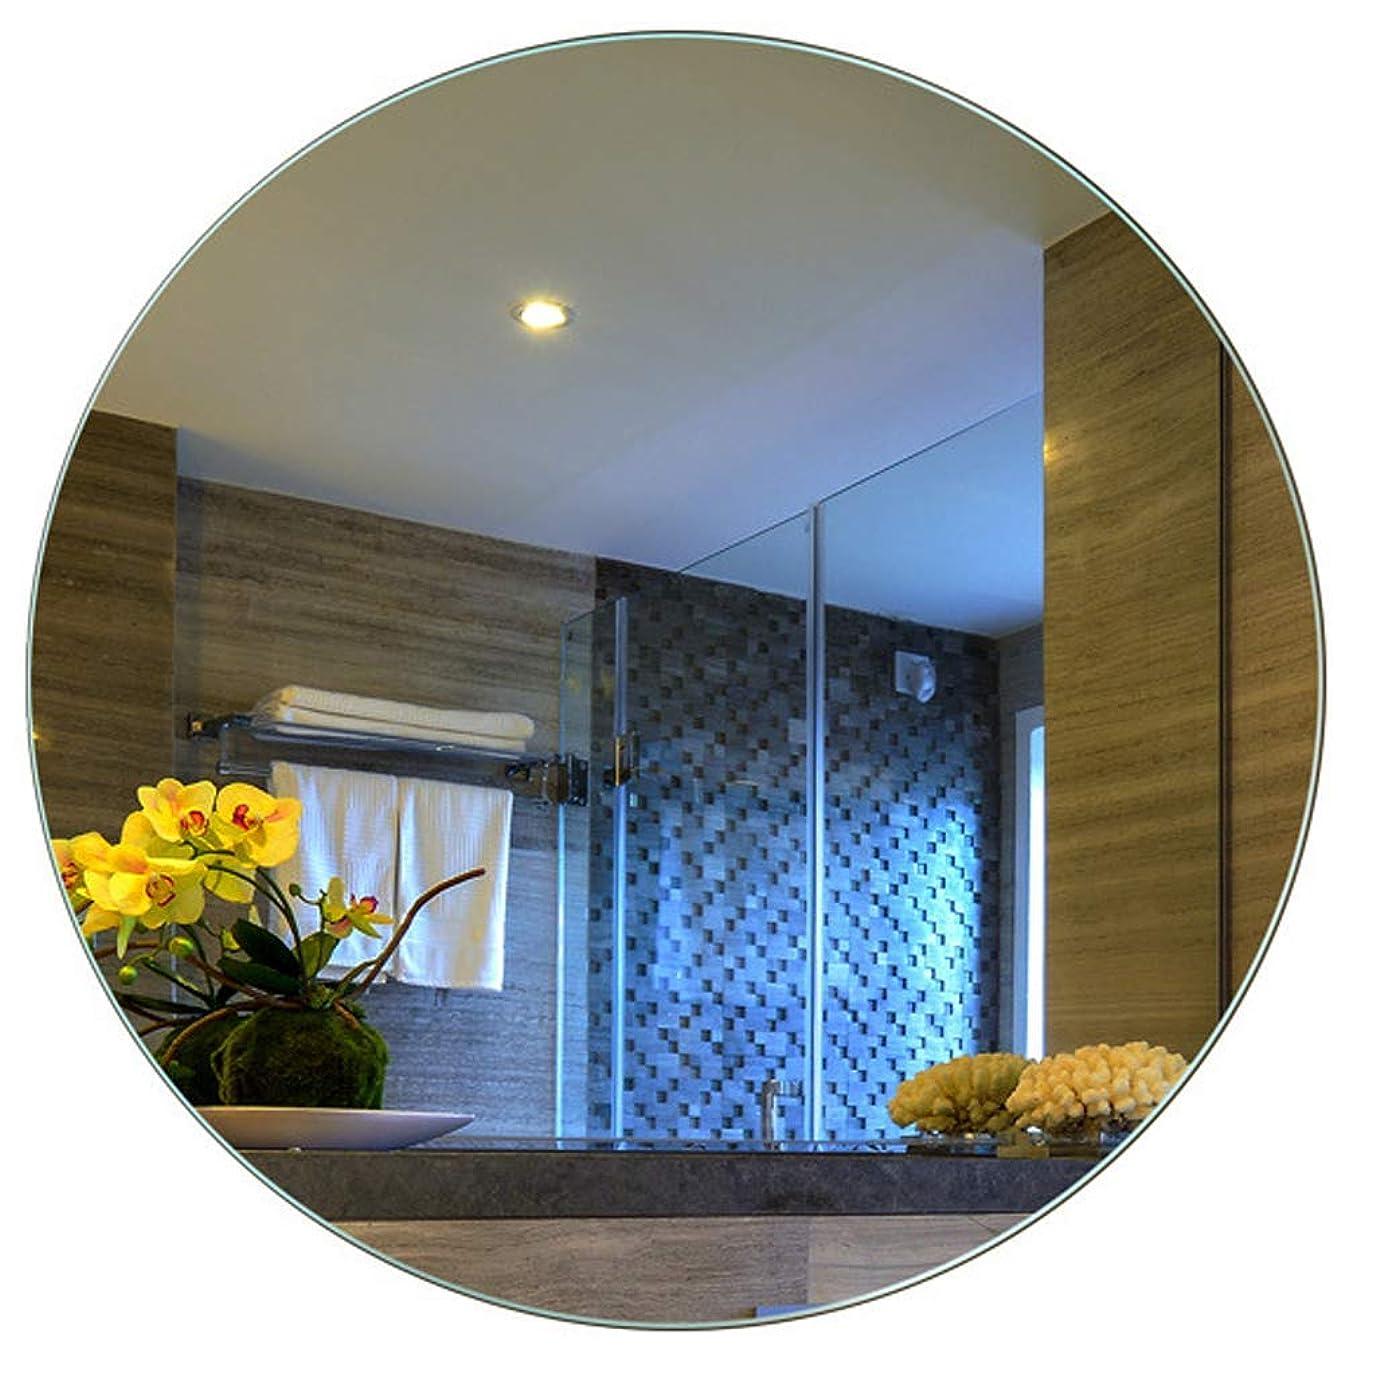 最愛のマナースツール壁に取り付けられた化粧鏡、バックライト壁に取り付けられたバスルームのLEDミラー、直径70センチメートル、白、家具の鏡、装飾用鏡に使用